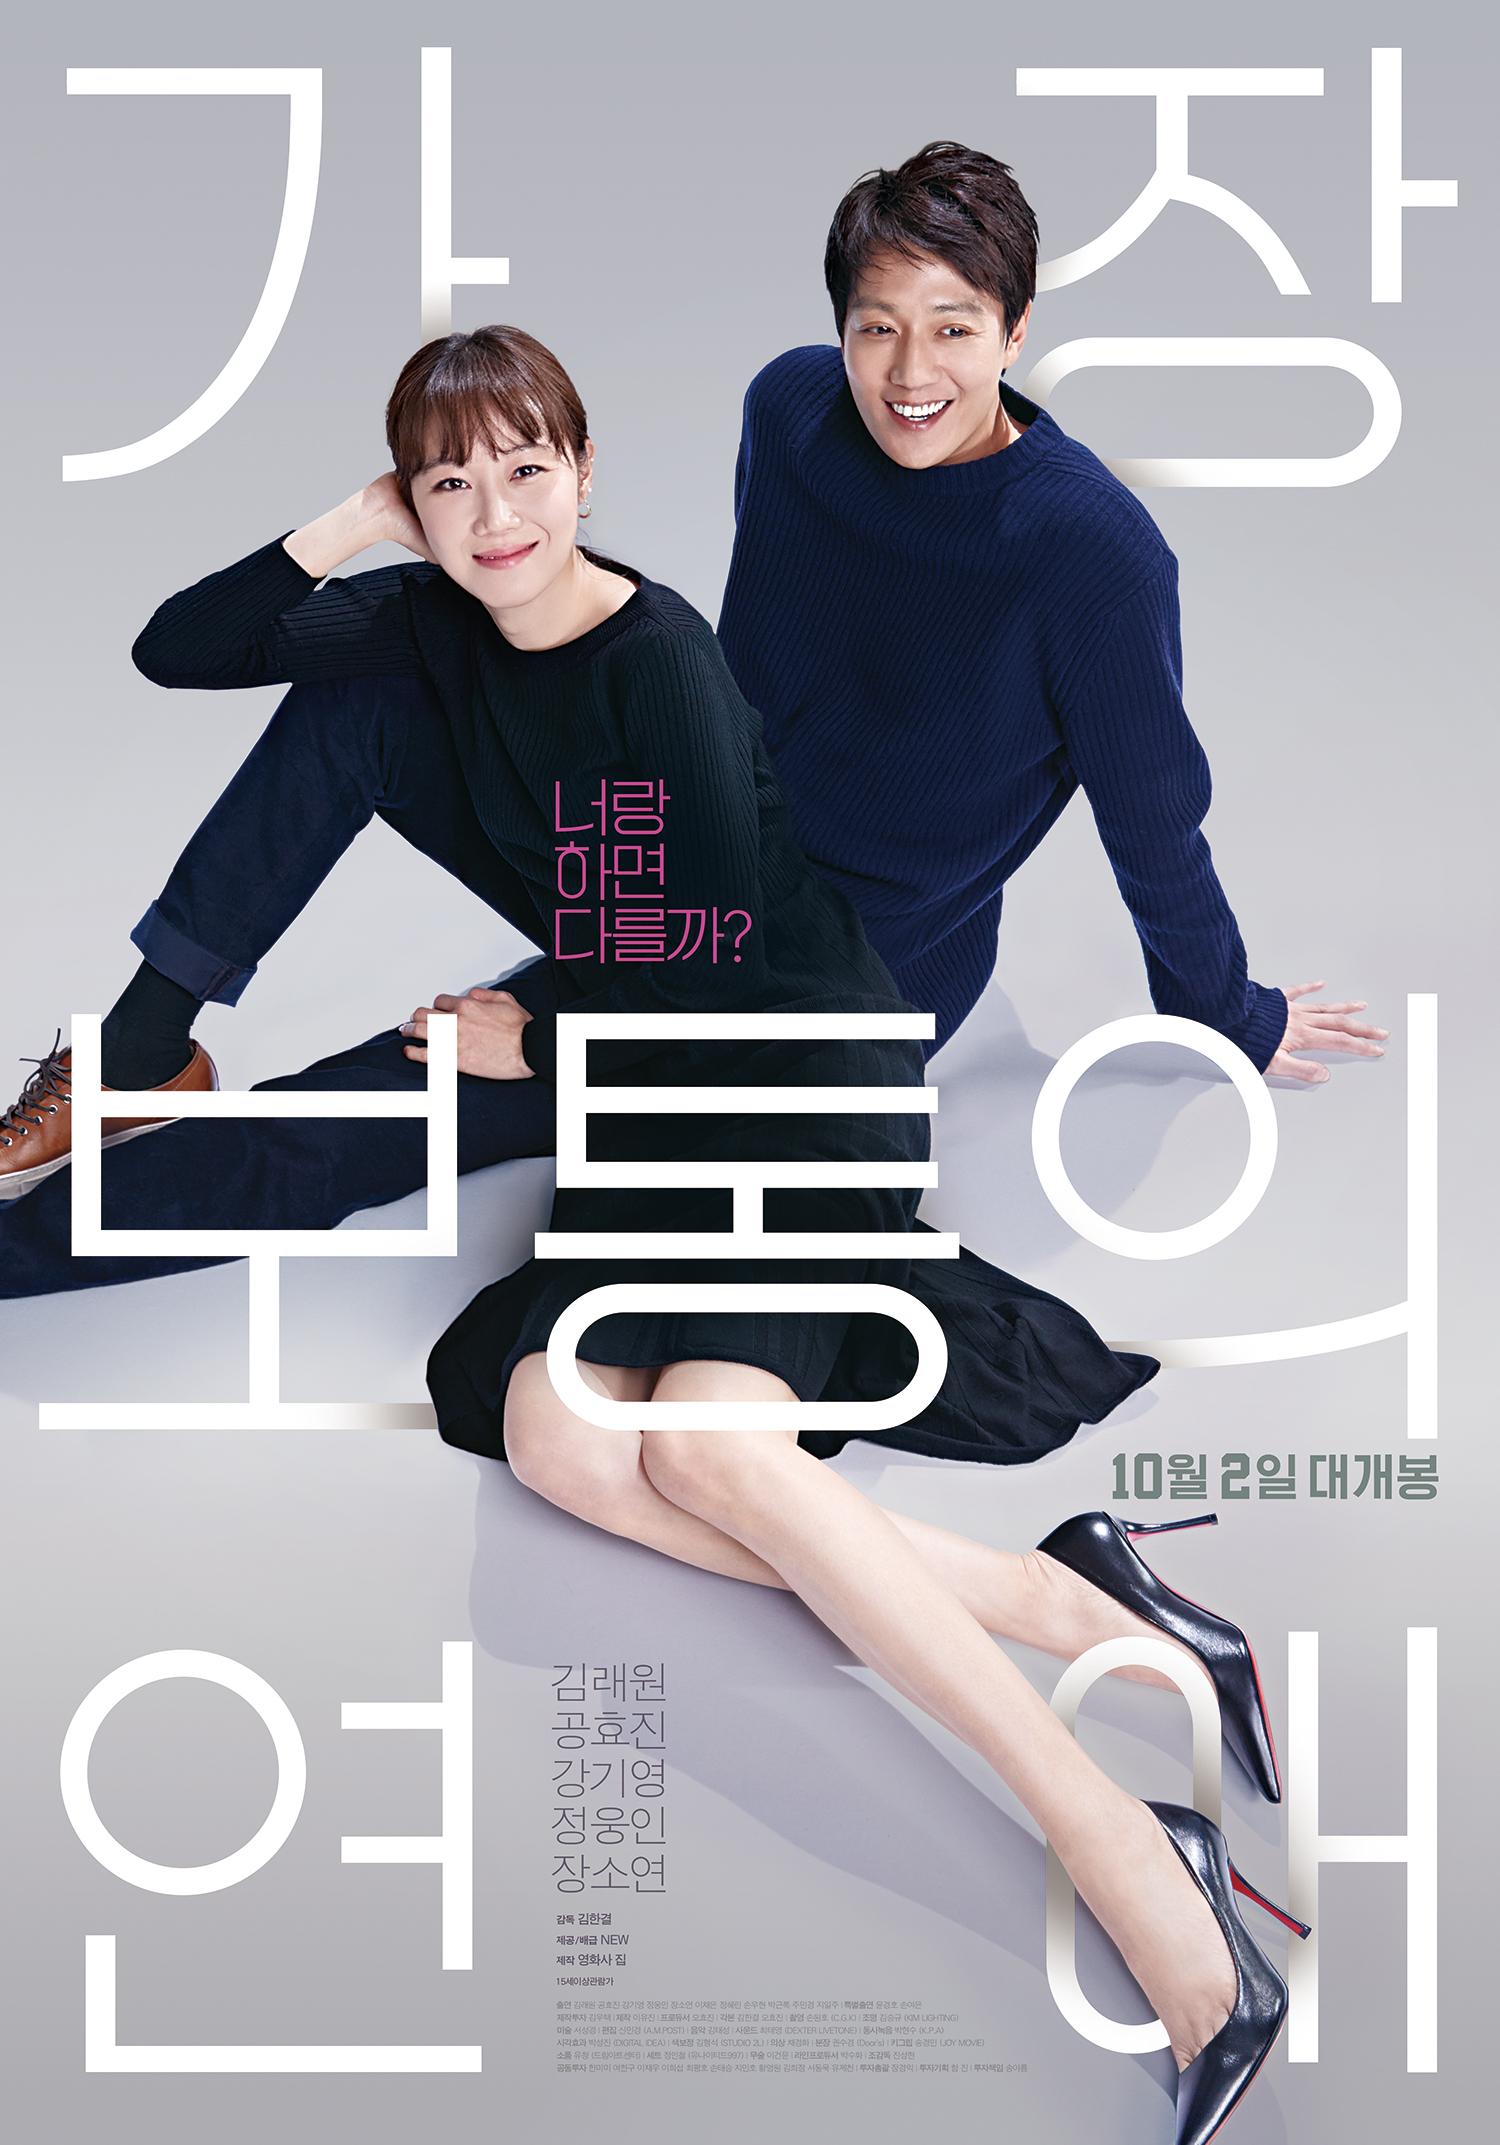 2019 韩国《最普通的恋爱》讲述30代男女间的现实爱情